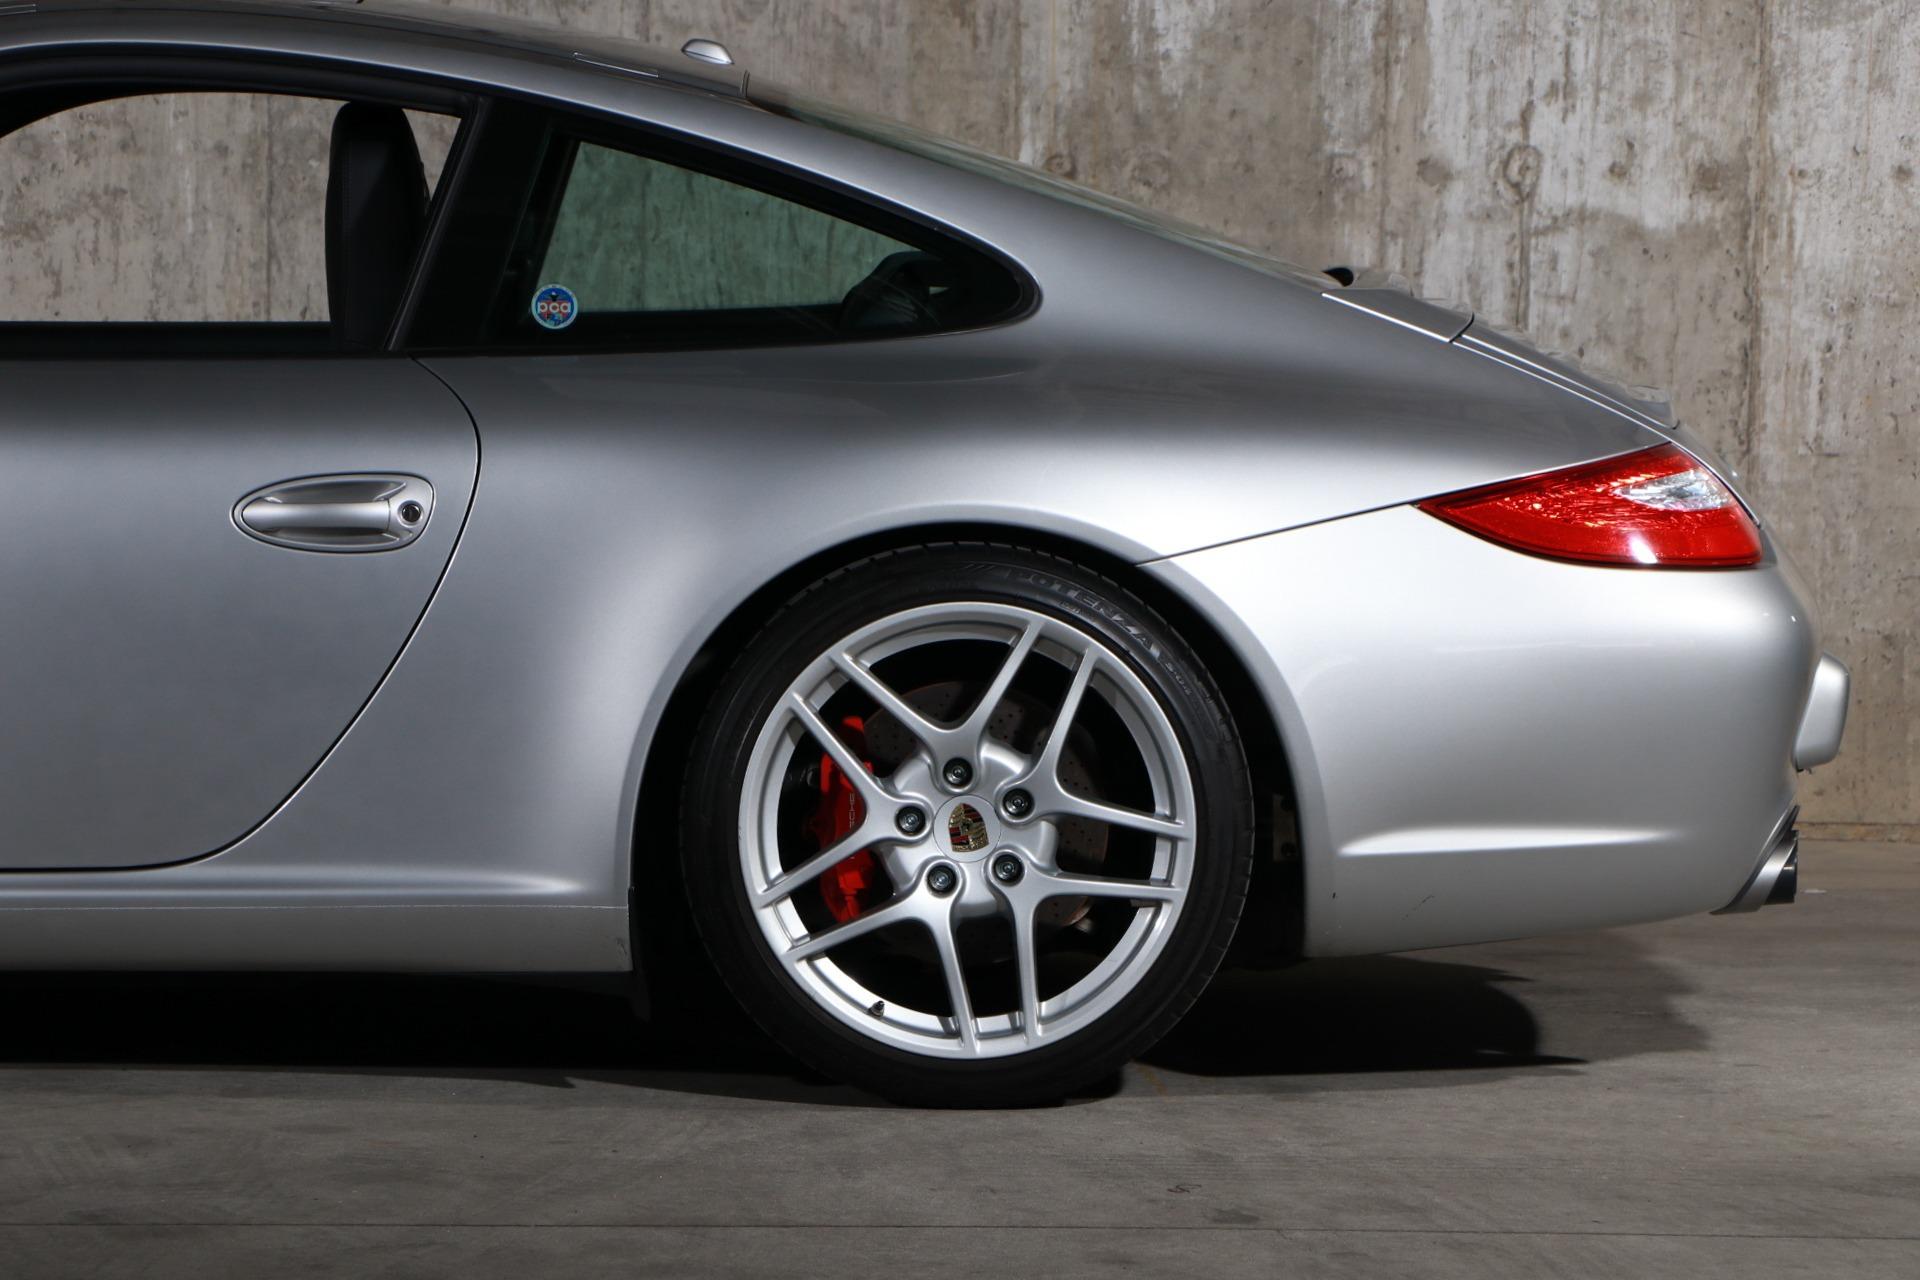 Used 2010 Porsche 911 Carrera S   Glen Cove, NY